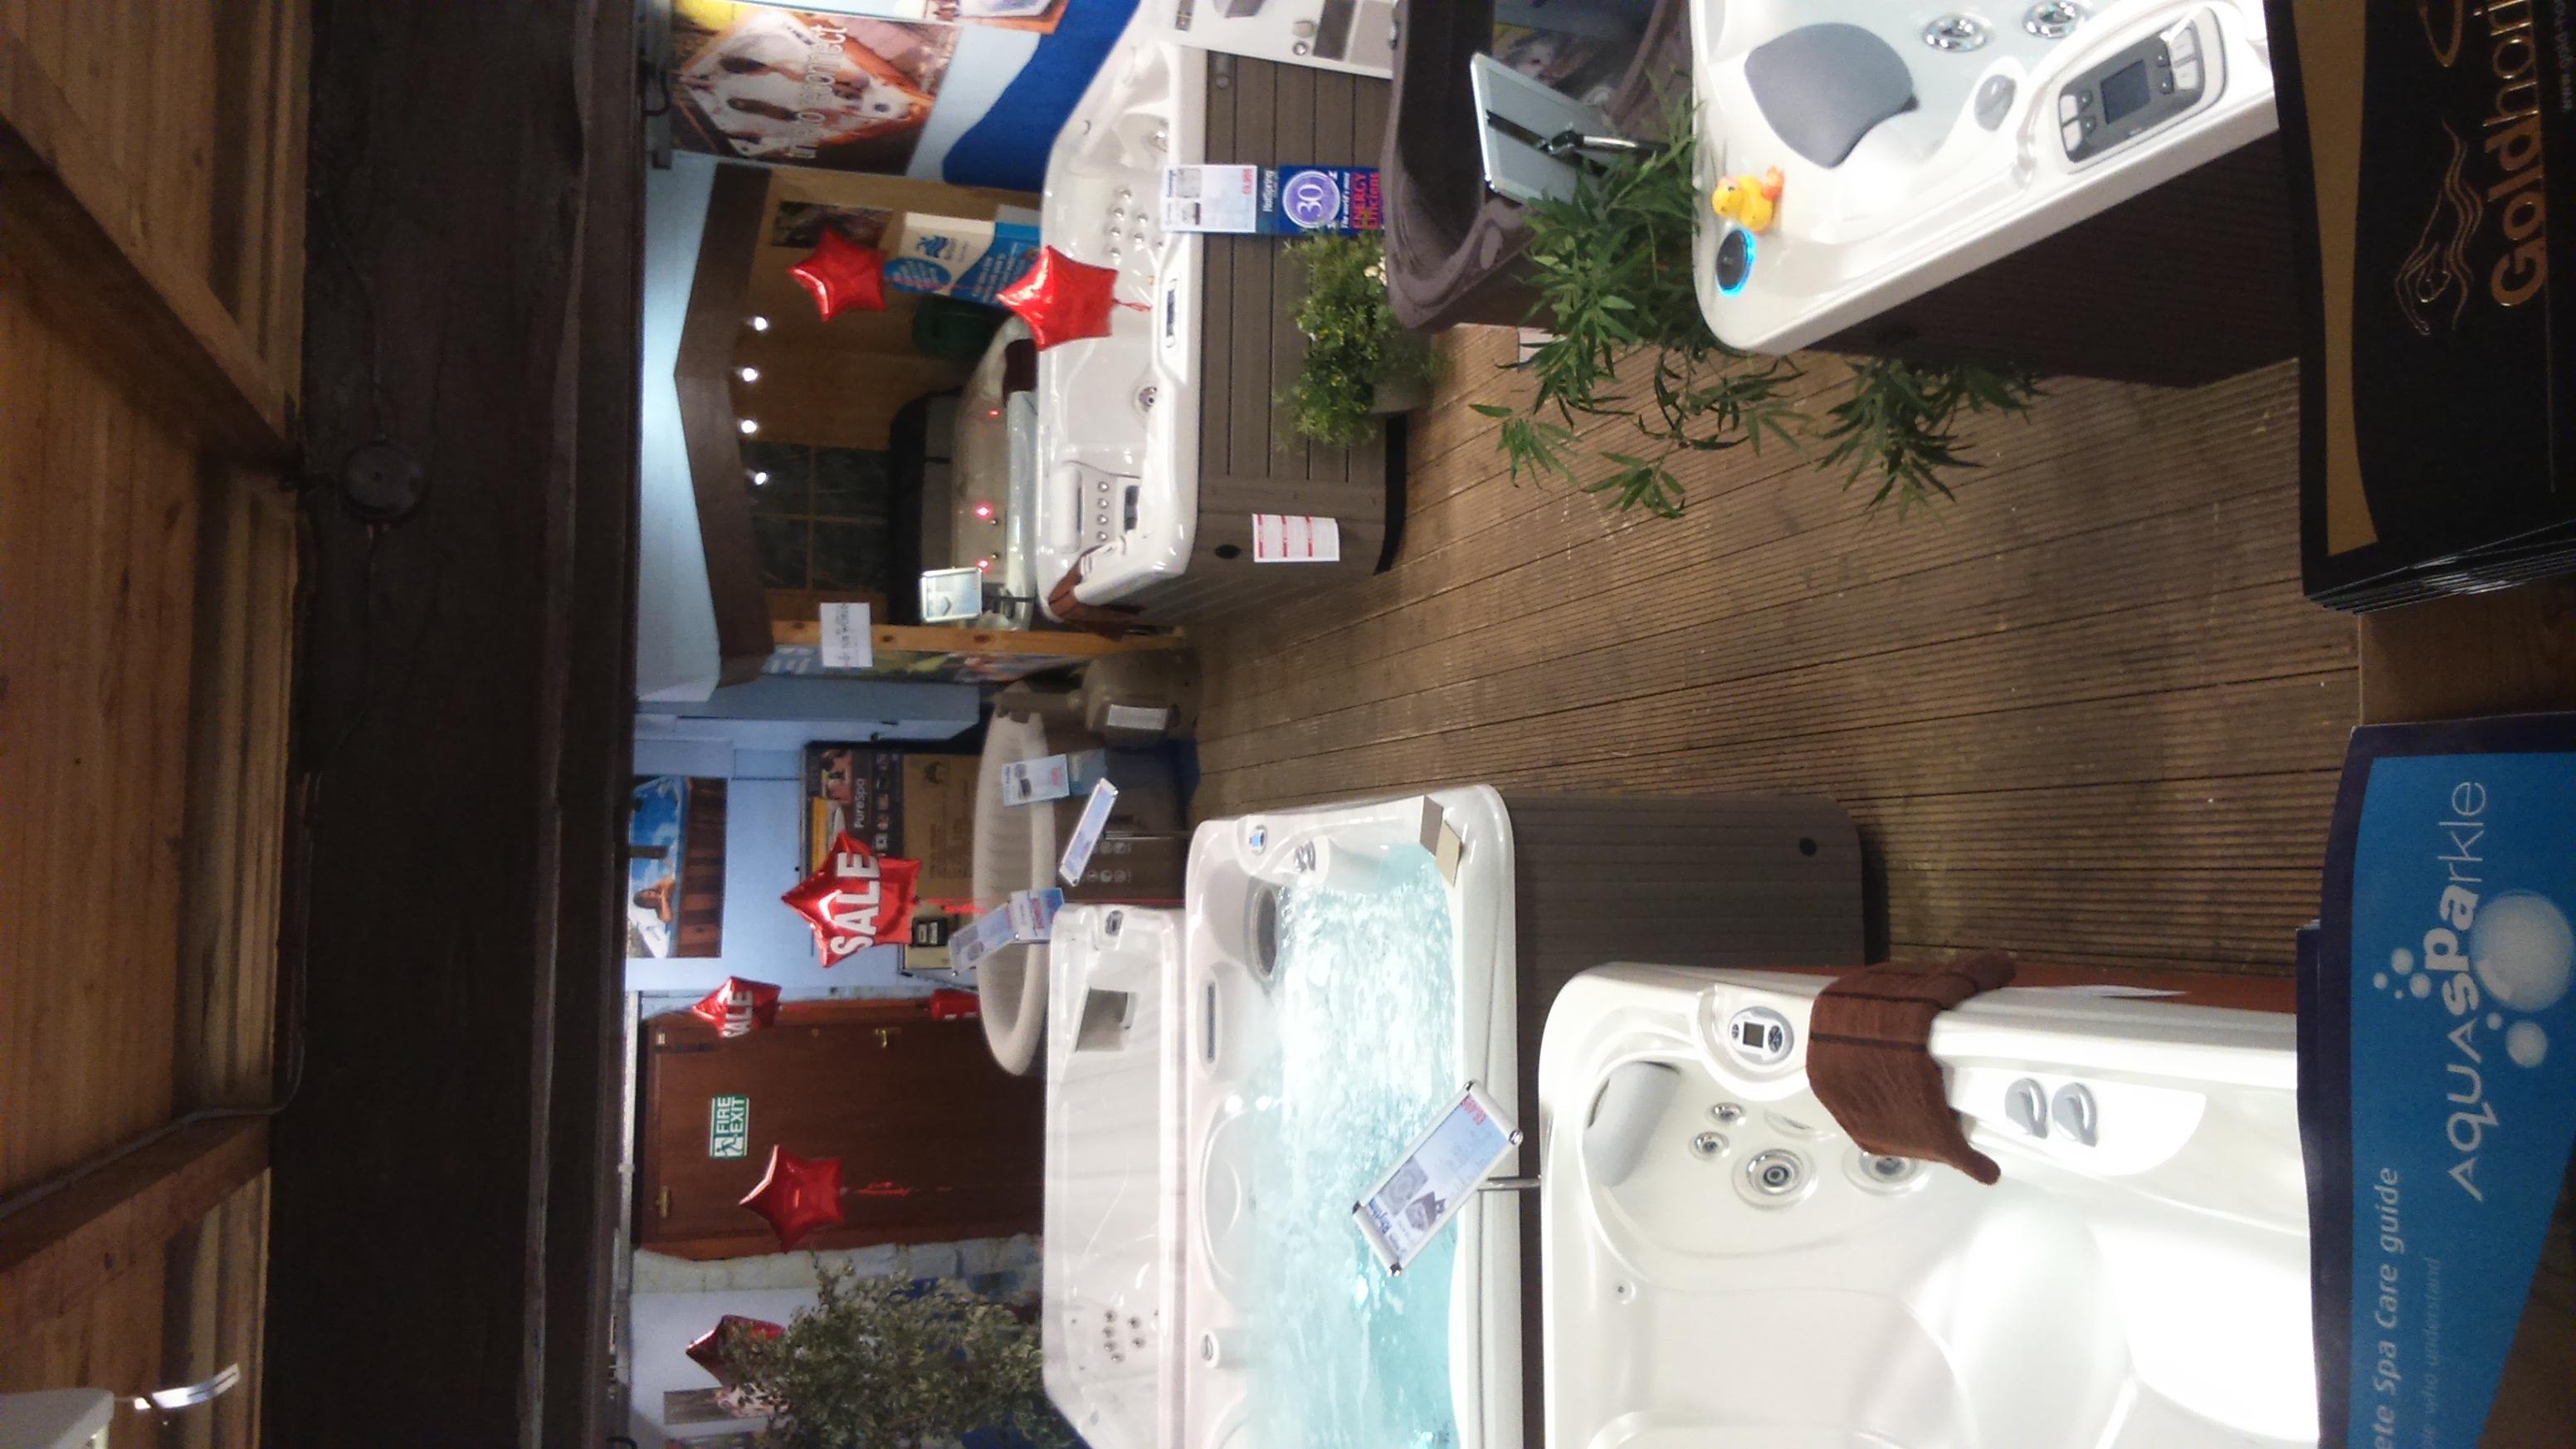 Hot Tub World showroom photo